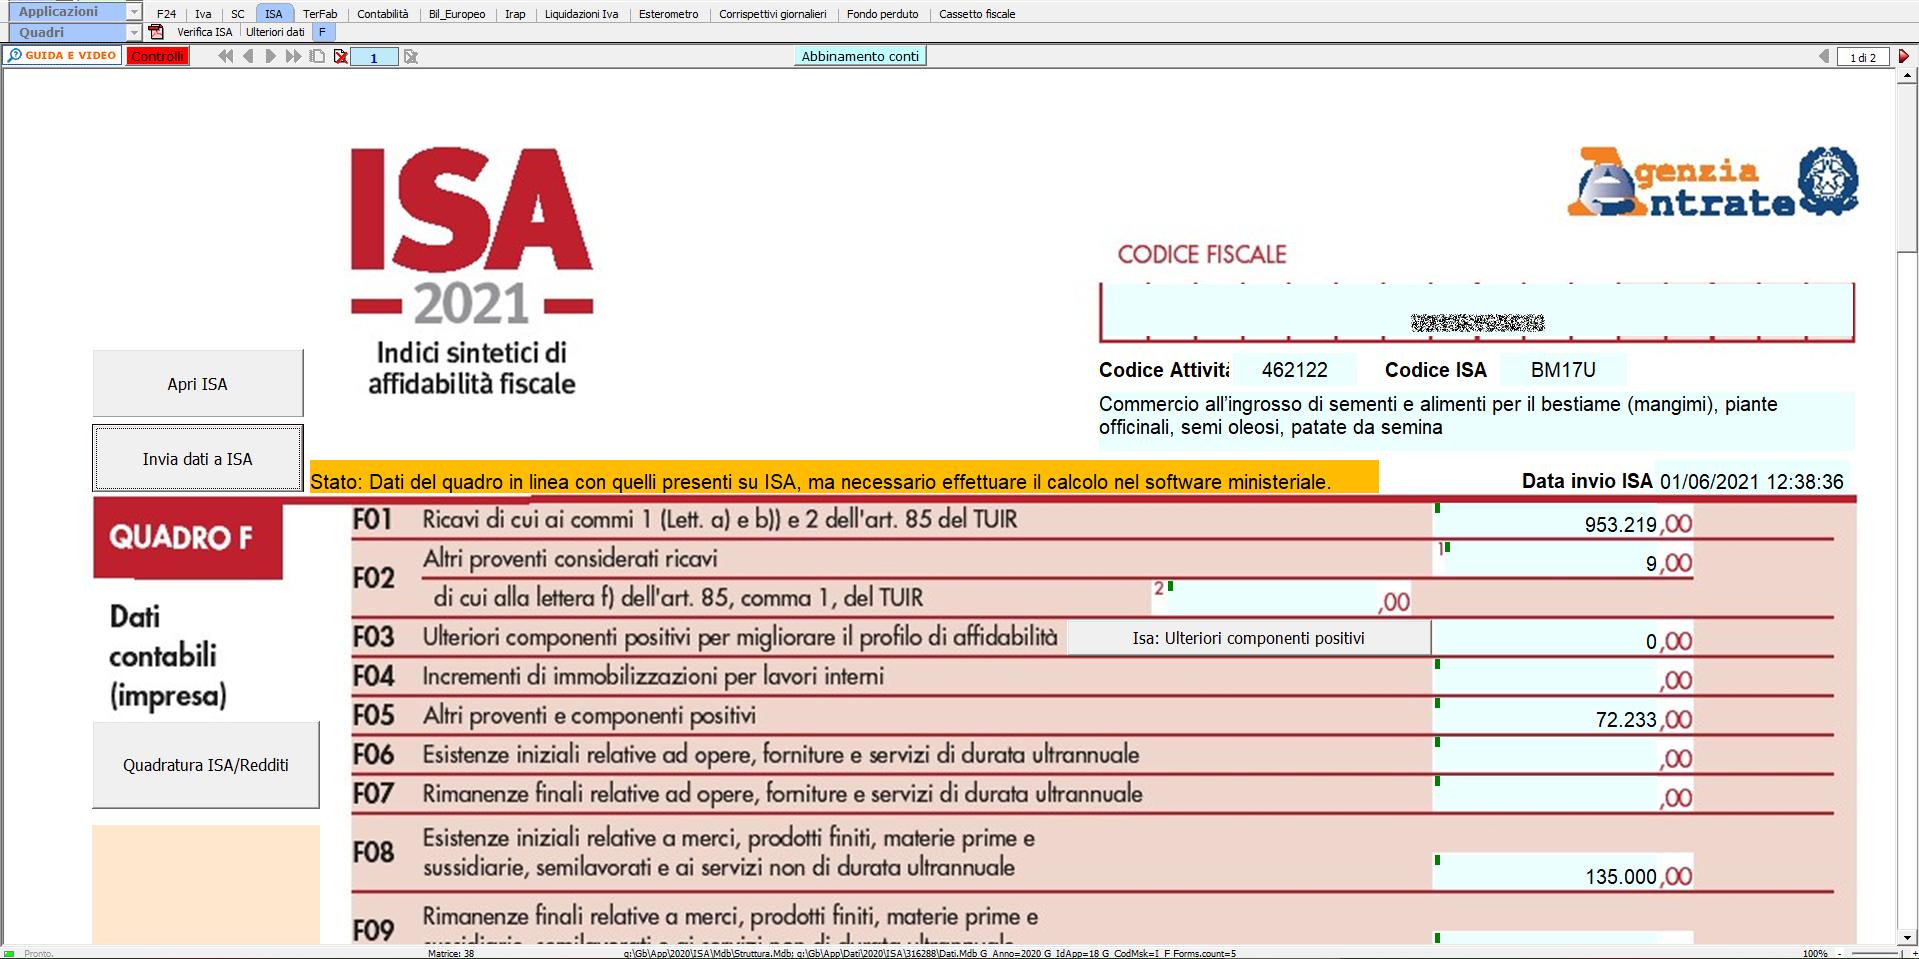 ISA Indici sintetici di affidabilità fiscale 2021: disponibile applicazione: quadro F